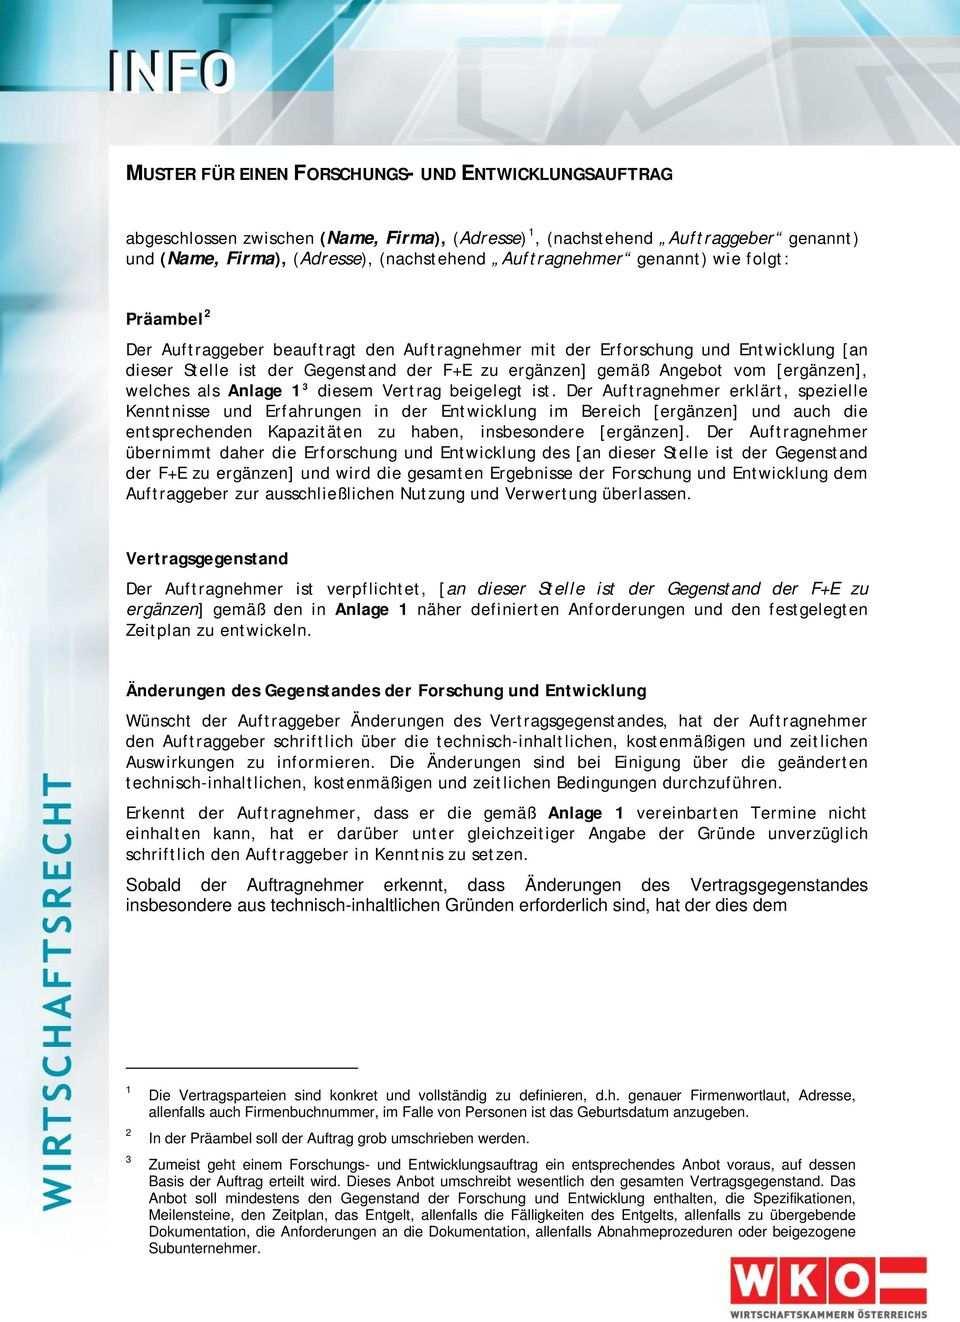 Muster Fur Einen Forschungs Und Entwicklungsauftrag Pdf